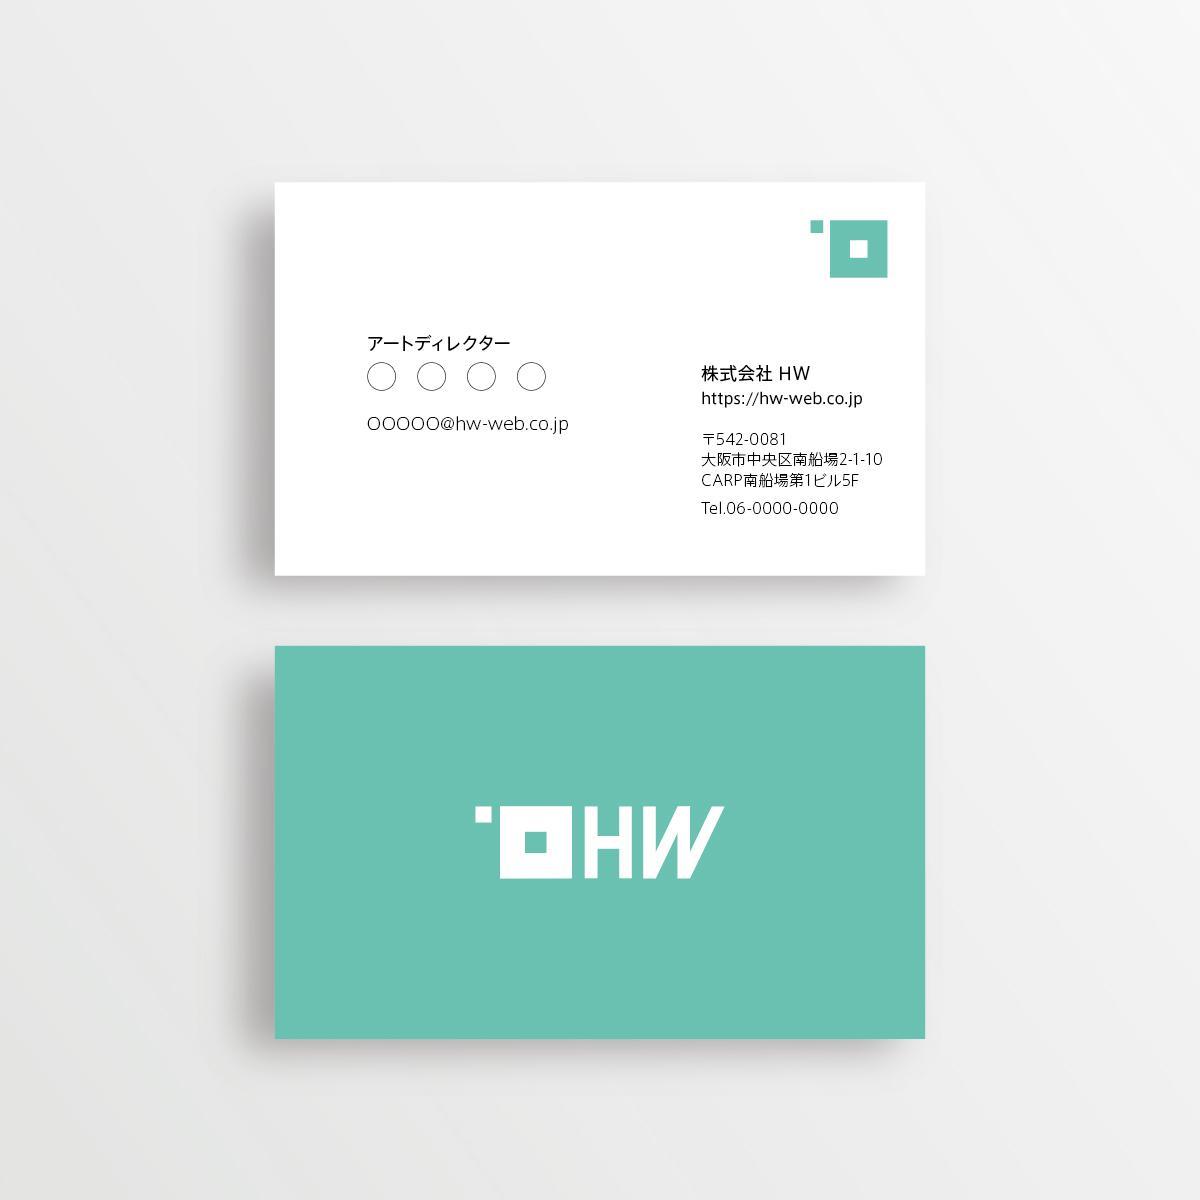 第一印象を左右する、名刺・ショップカード作ります 大手・個人企業実績多数・現役デザイナーが制作します